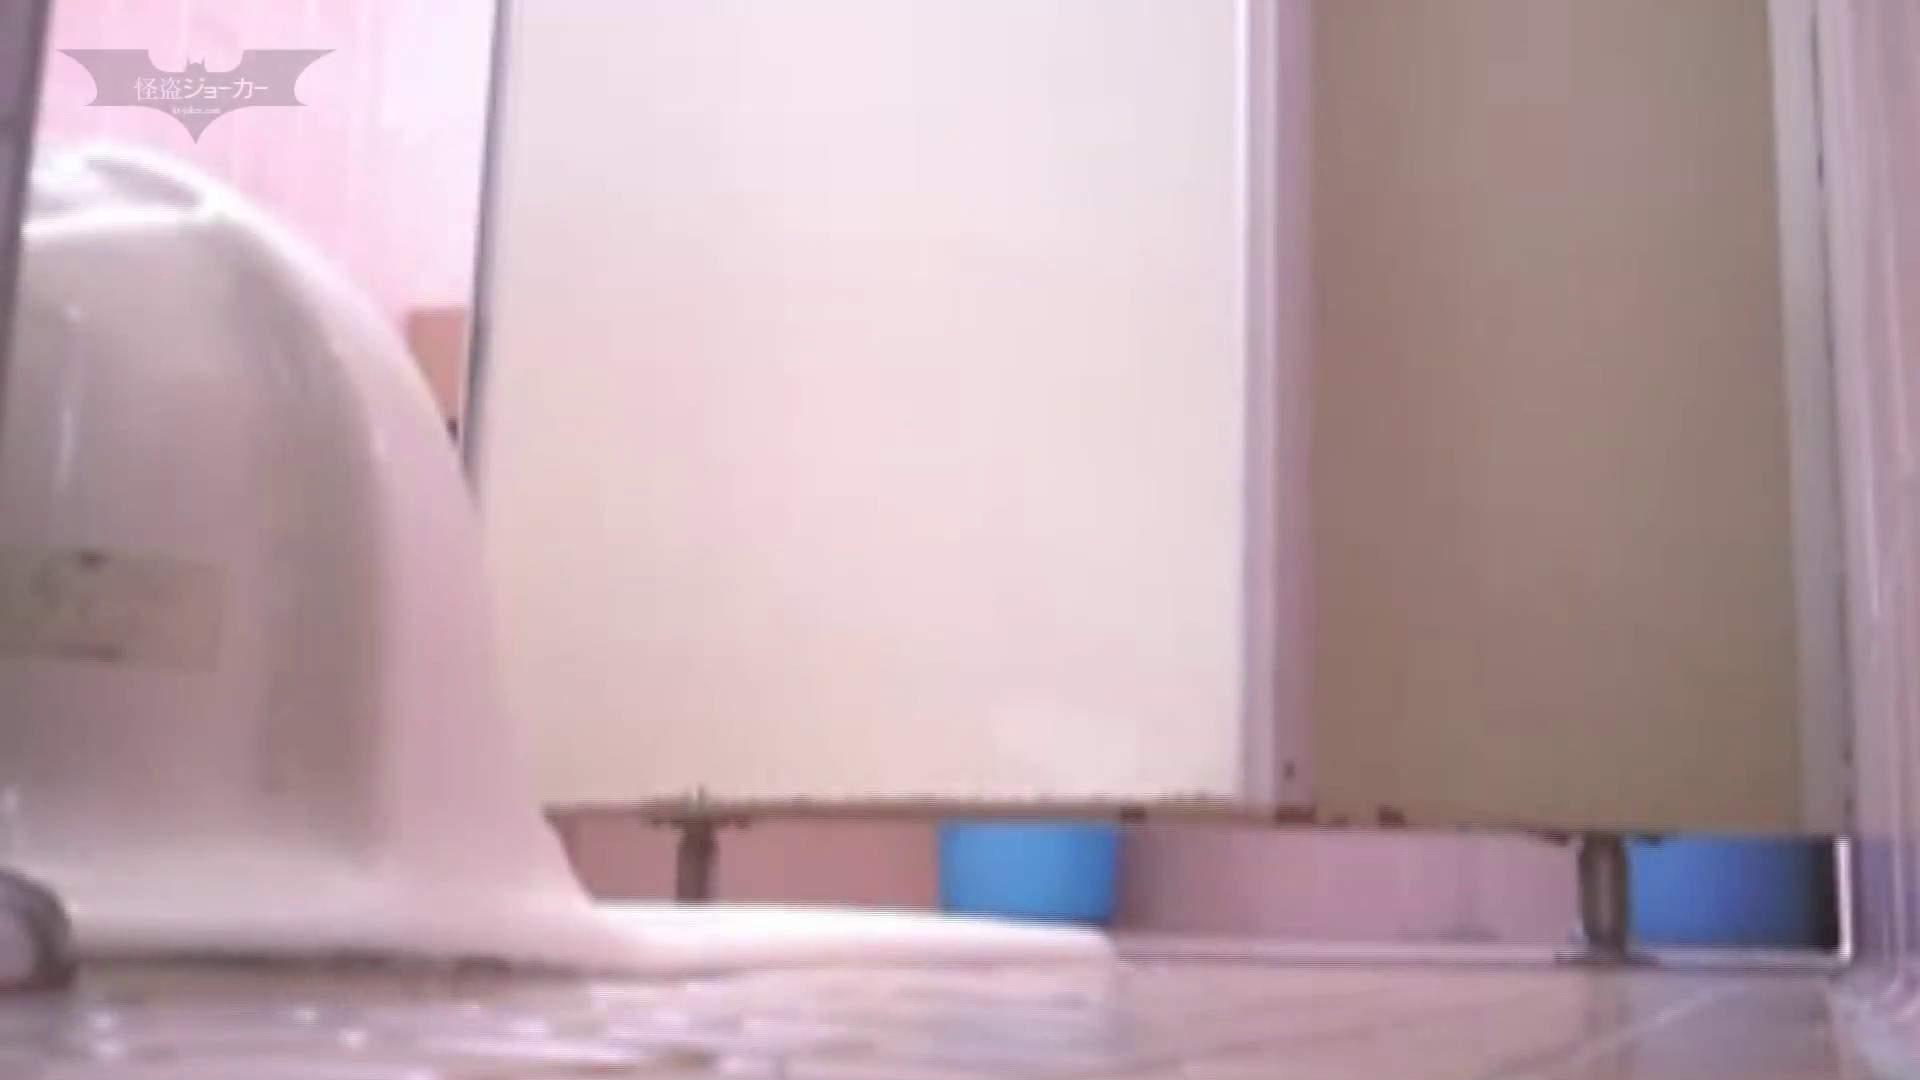 化粧室絵巻 番外編 VOL.03 銀河さん庫出し映像!!映像が・・・。 ギャル攻め エロ無料画像 105画像 30